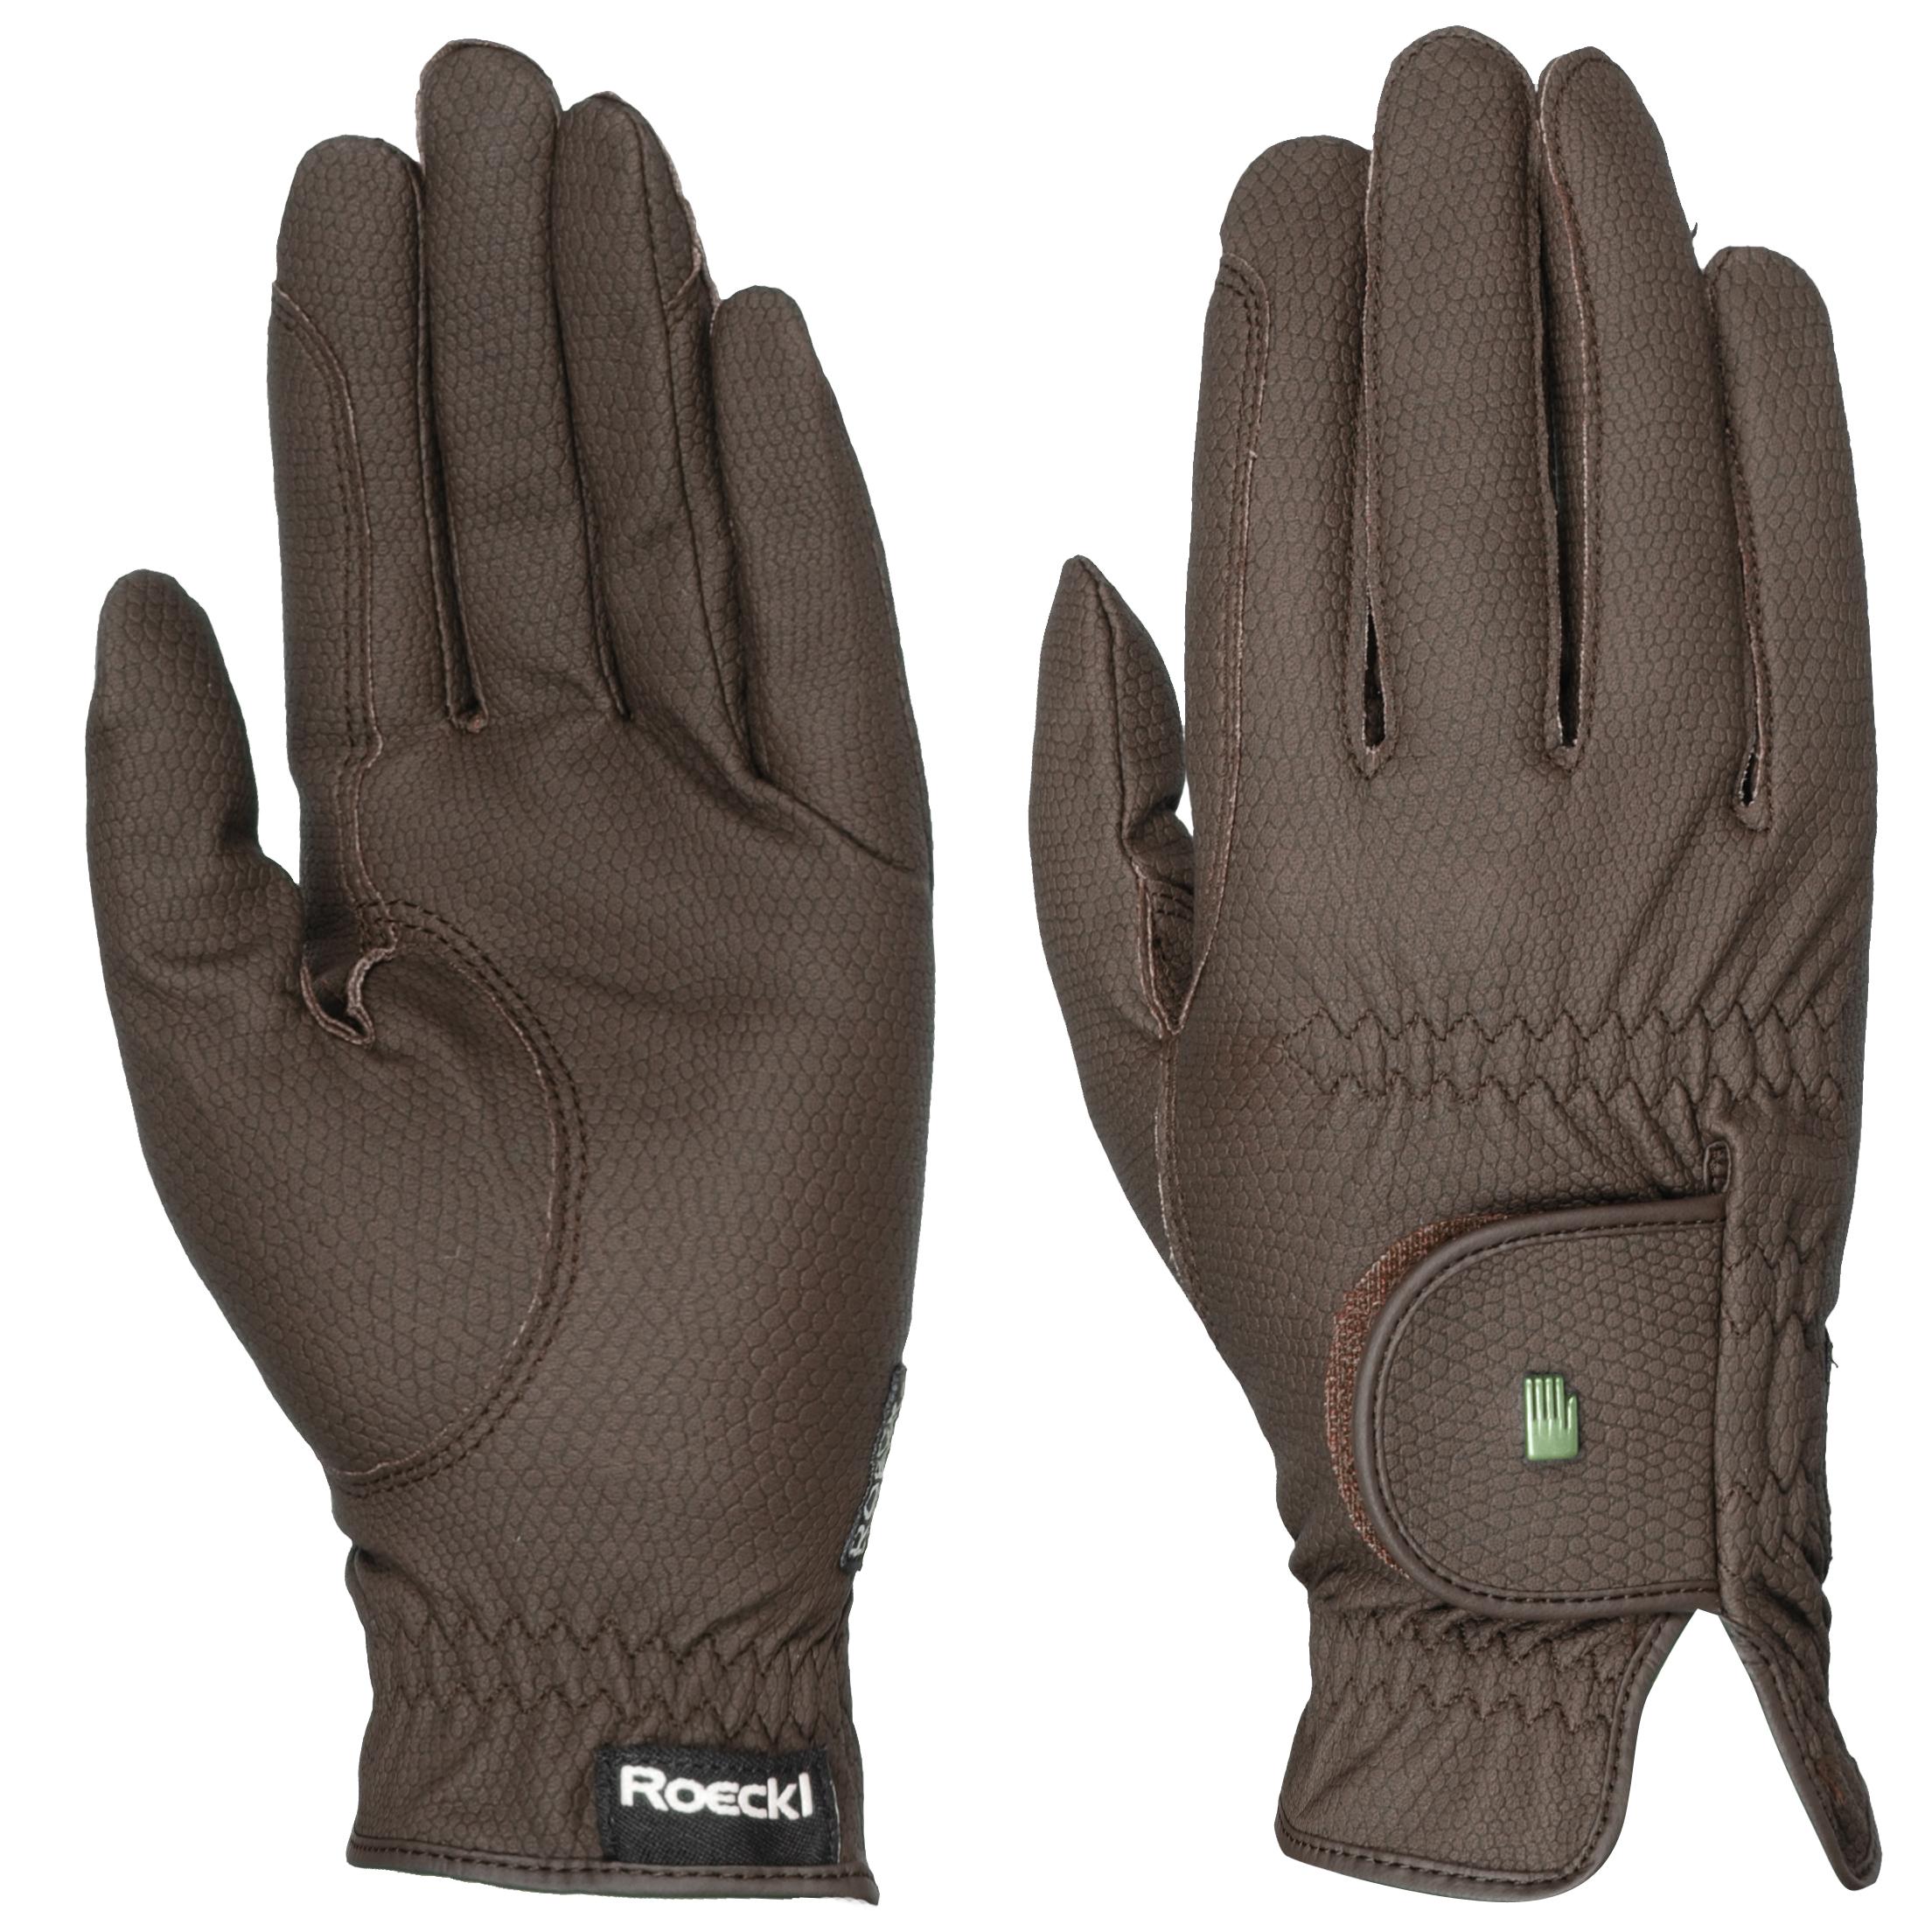 Roeckl Roeck grip Handschoen bruin maat:6,5